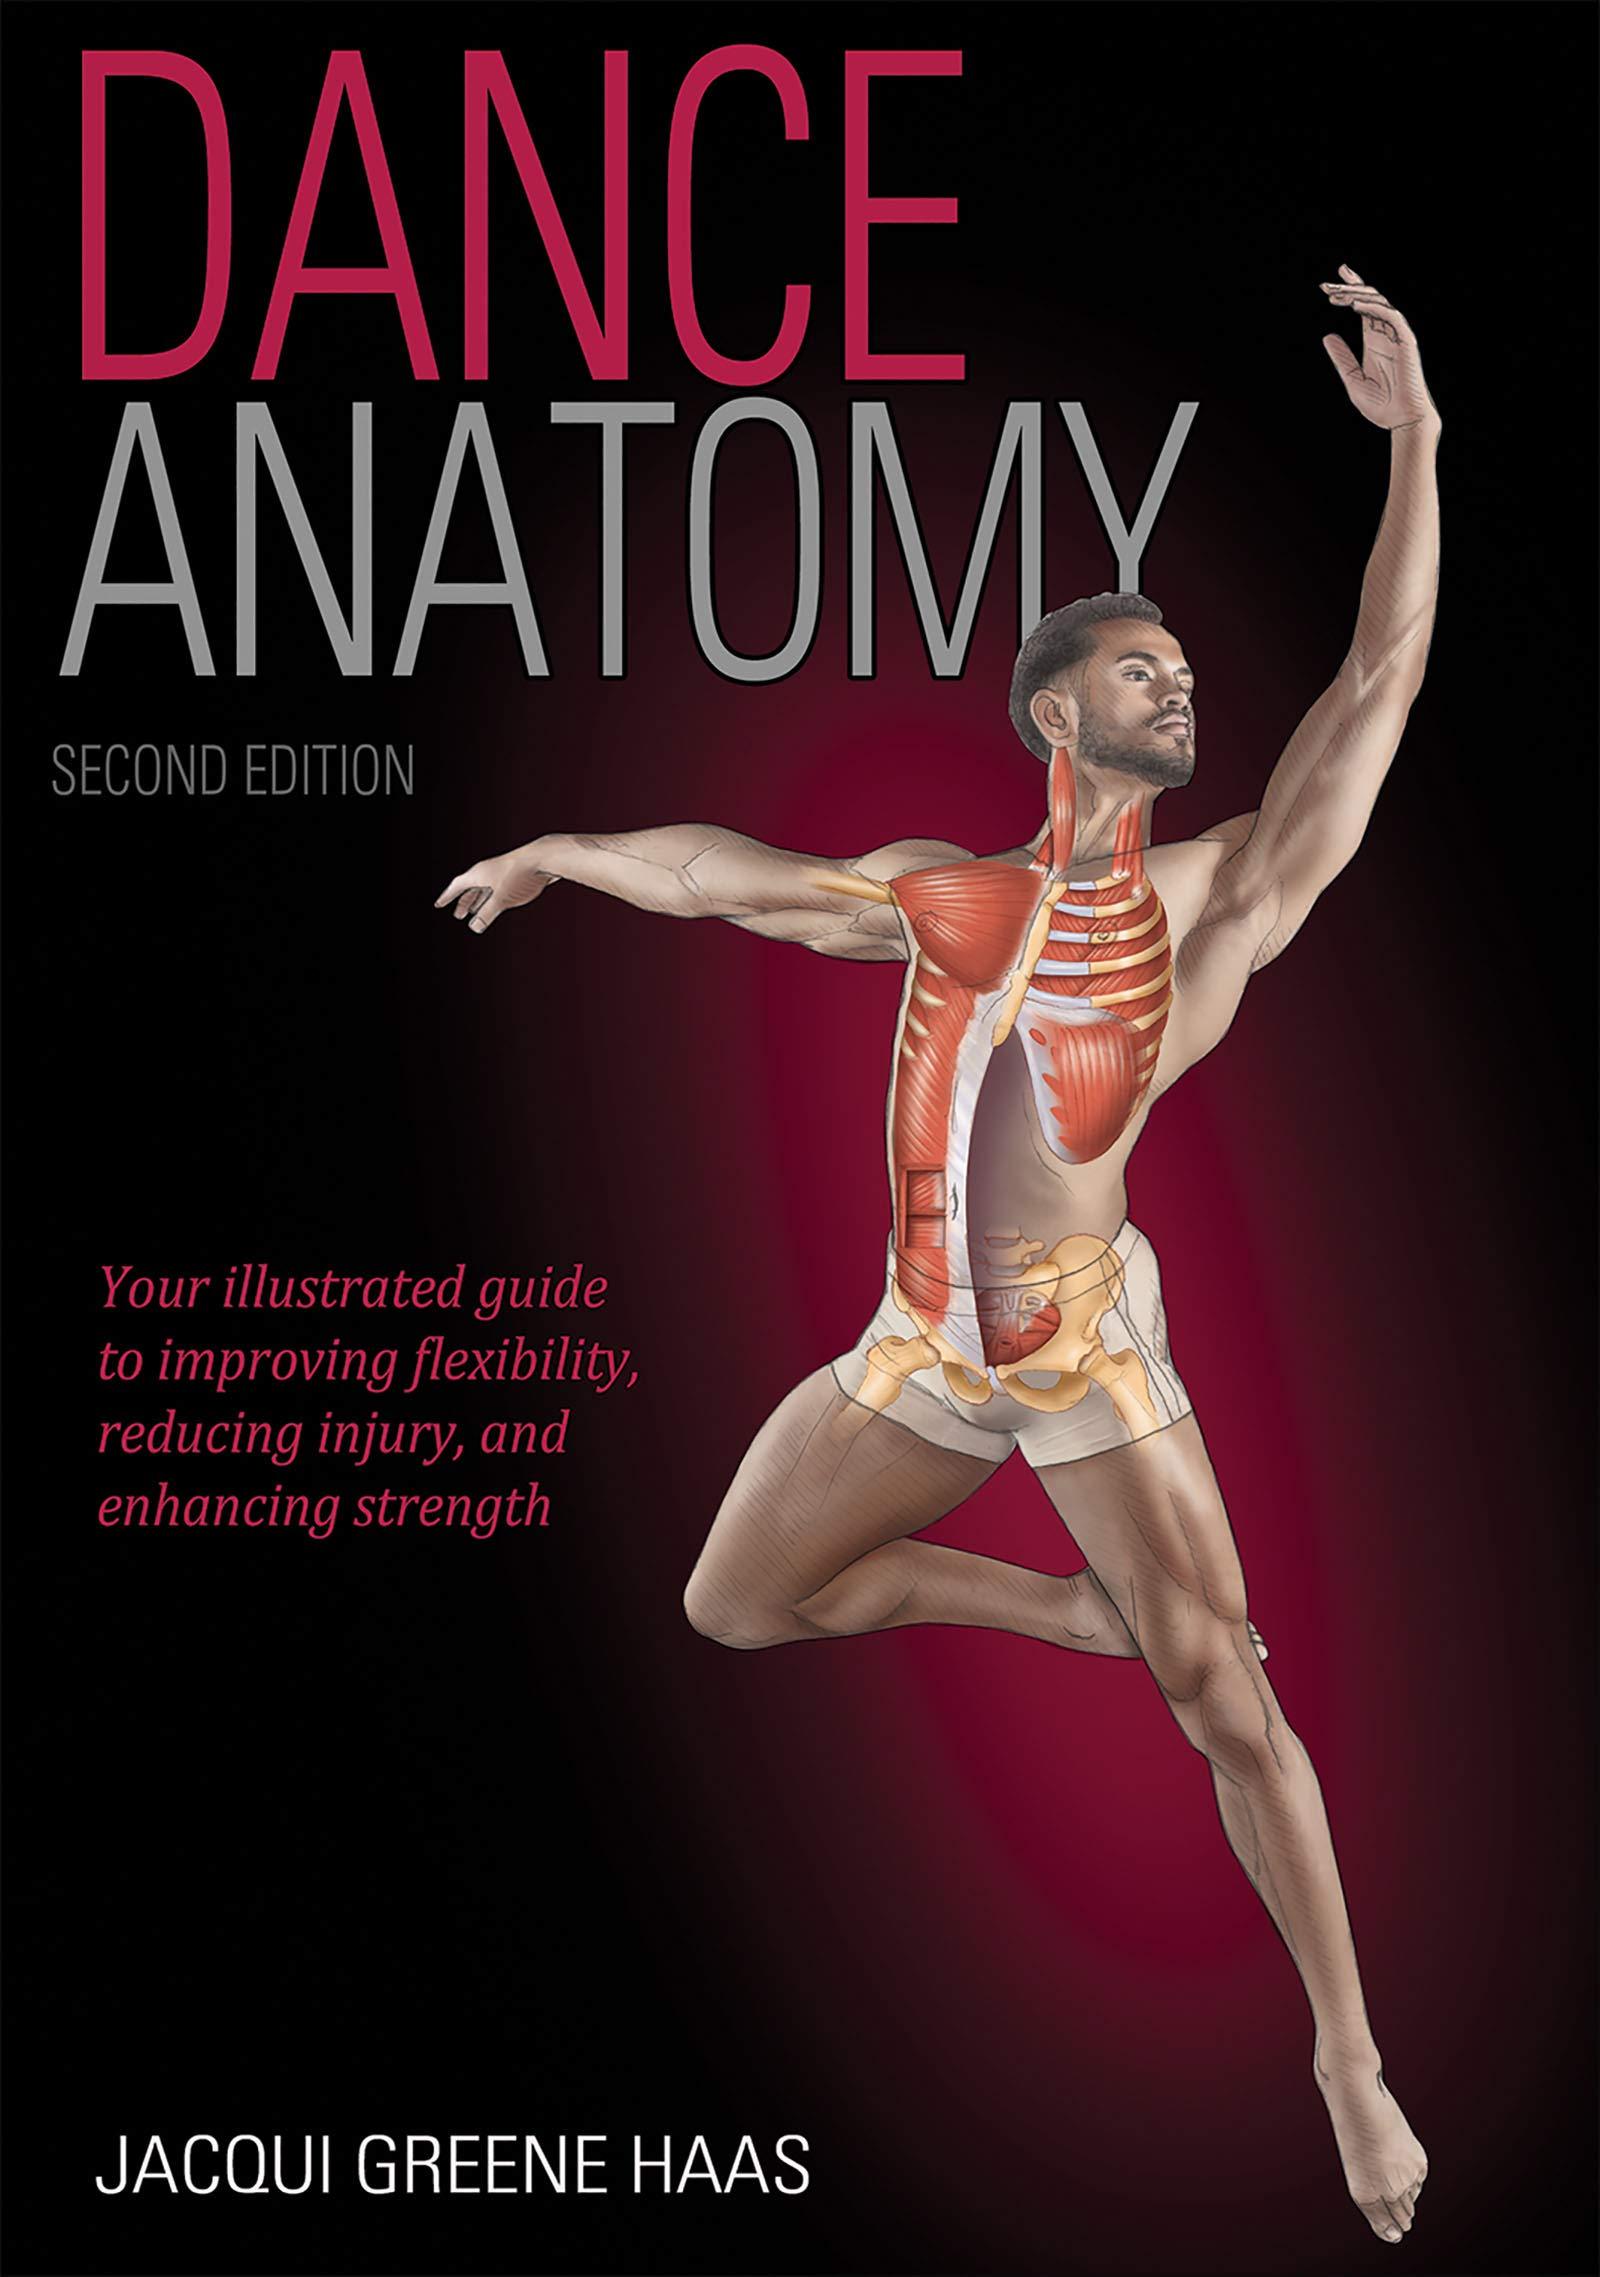 dance anatomy jacqui greene haas